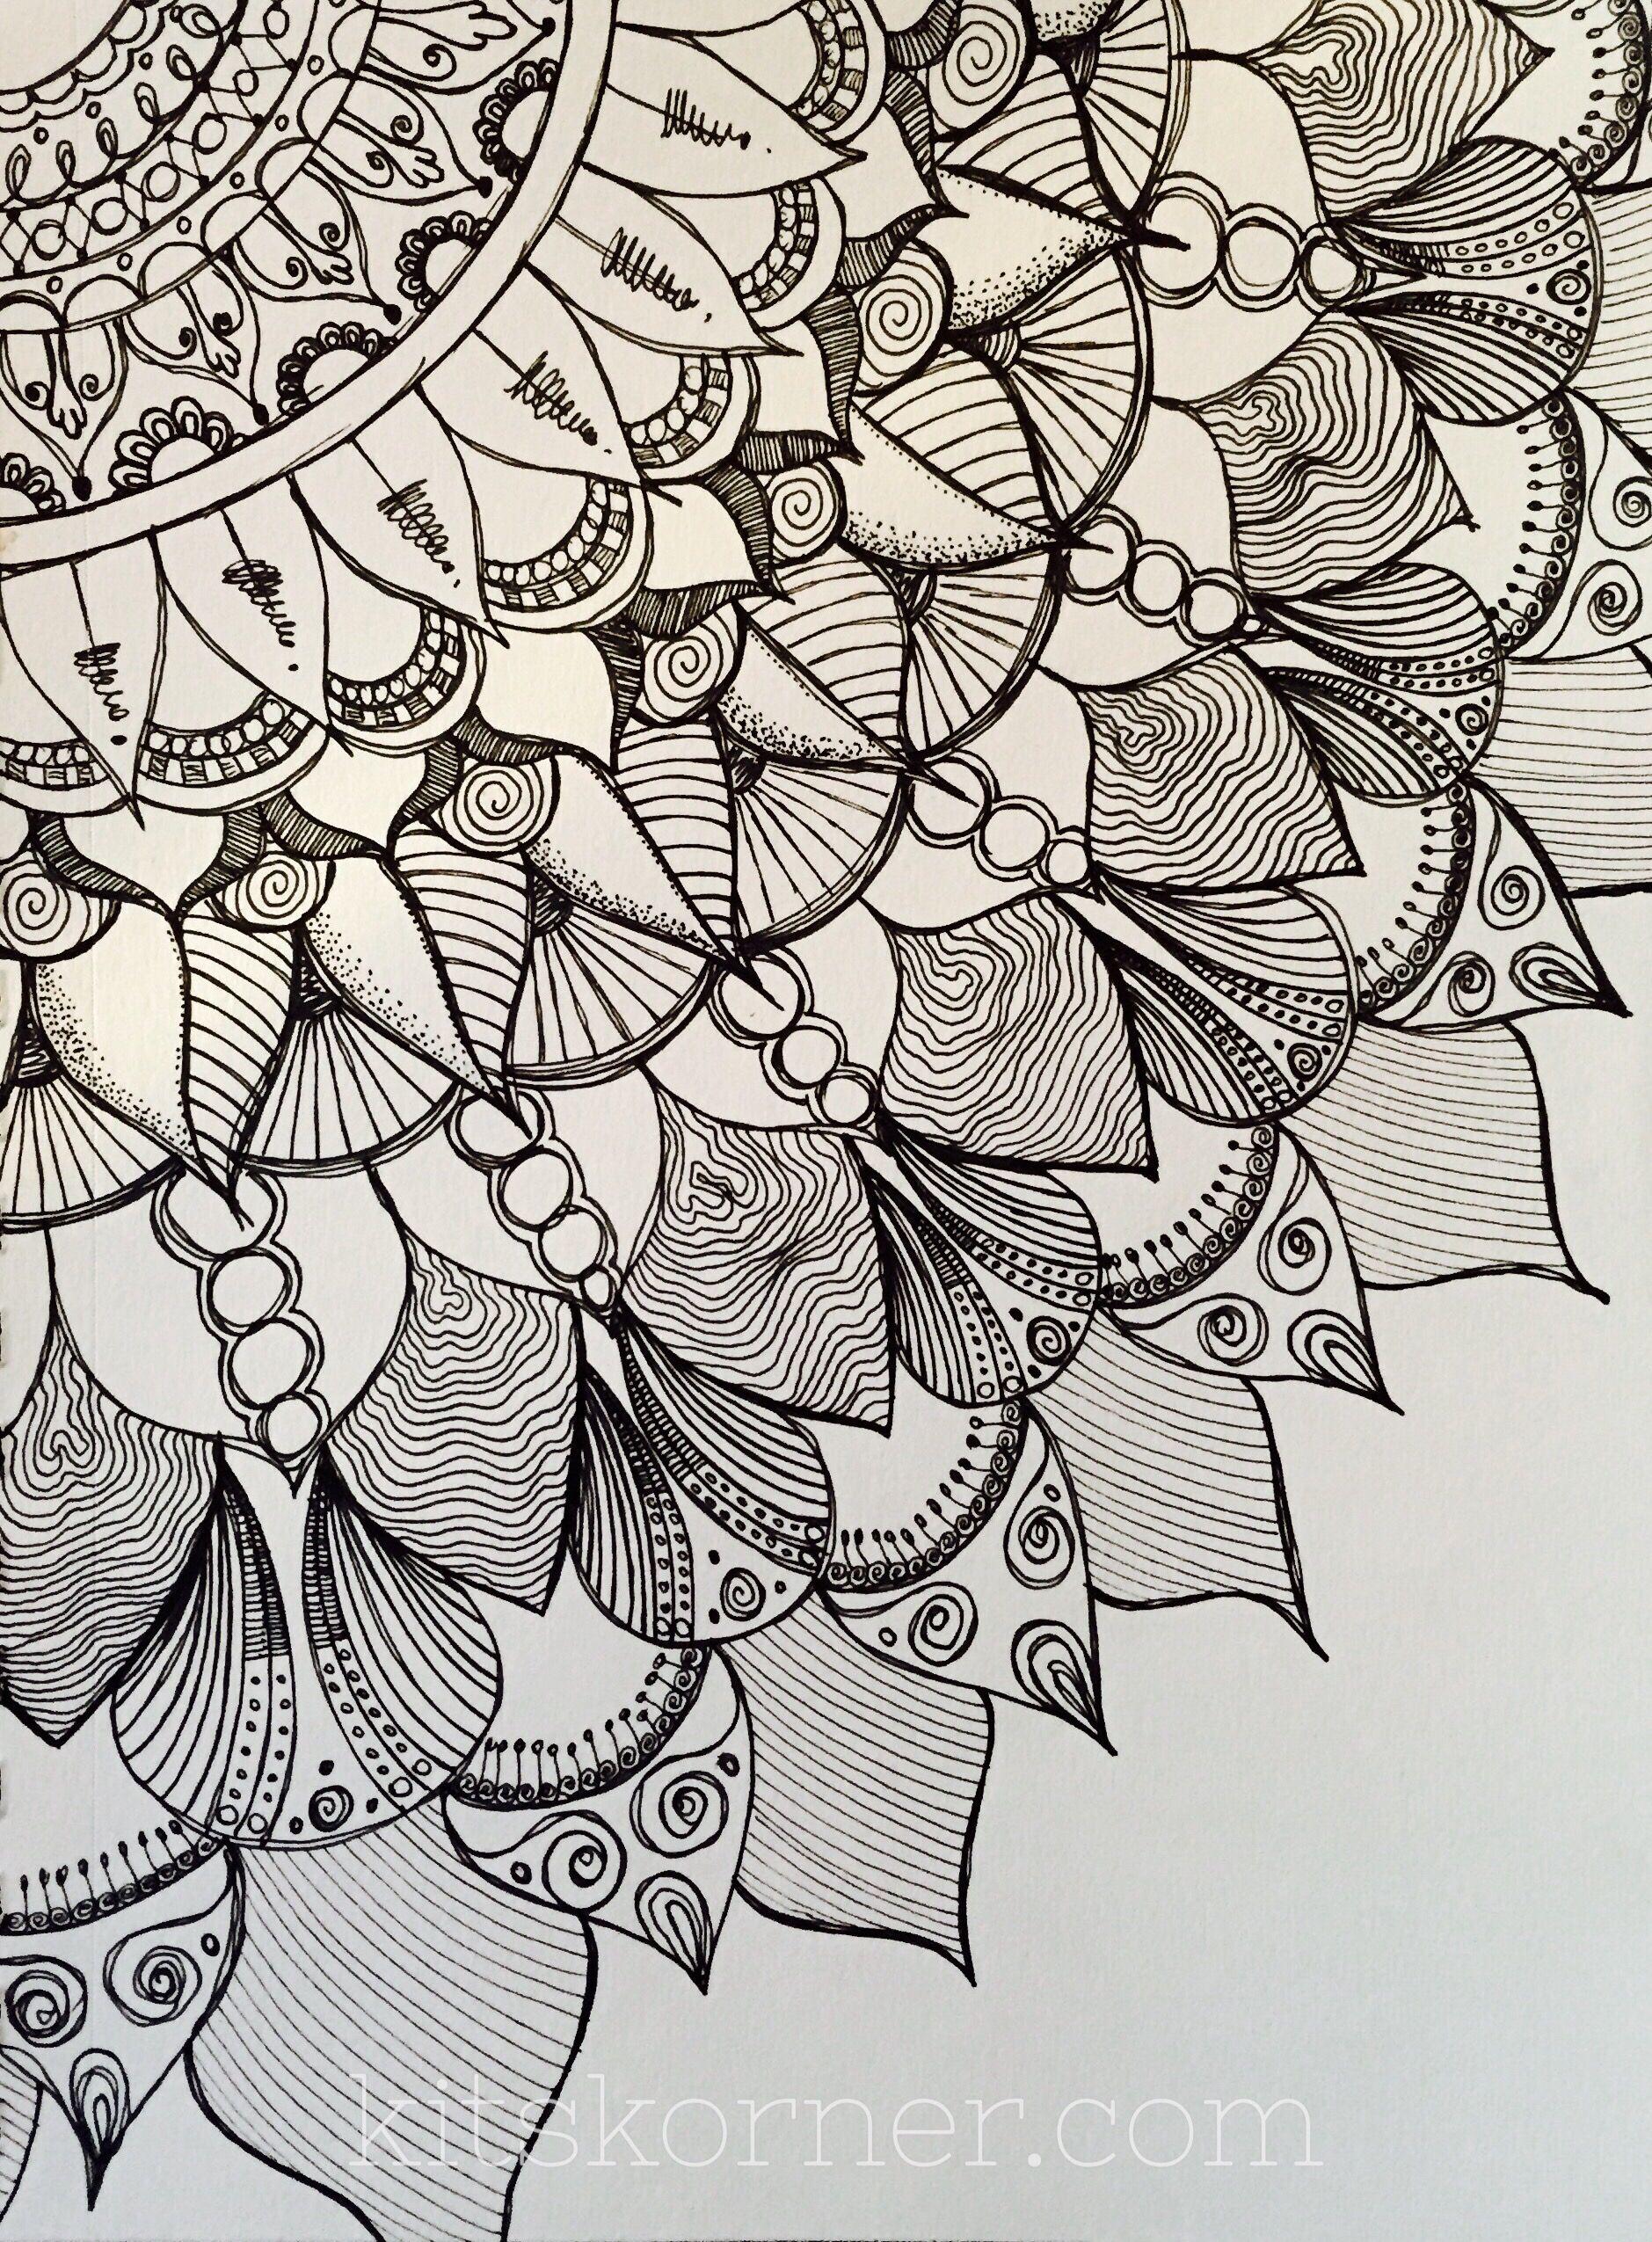 Sketchbook Mandalas 9 Pages Sketch Book Pattern Art Doodle Art